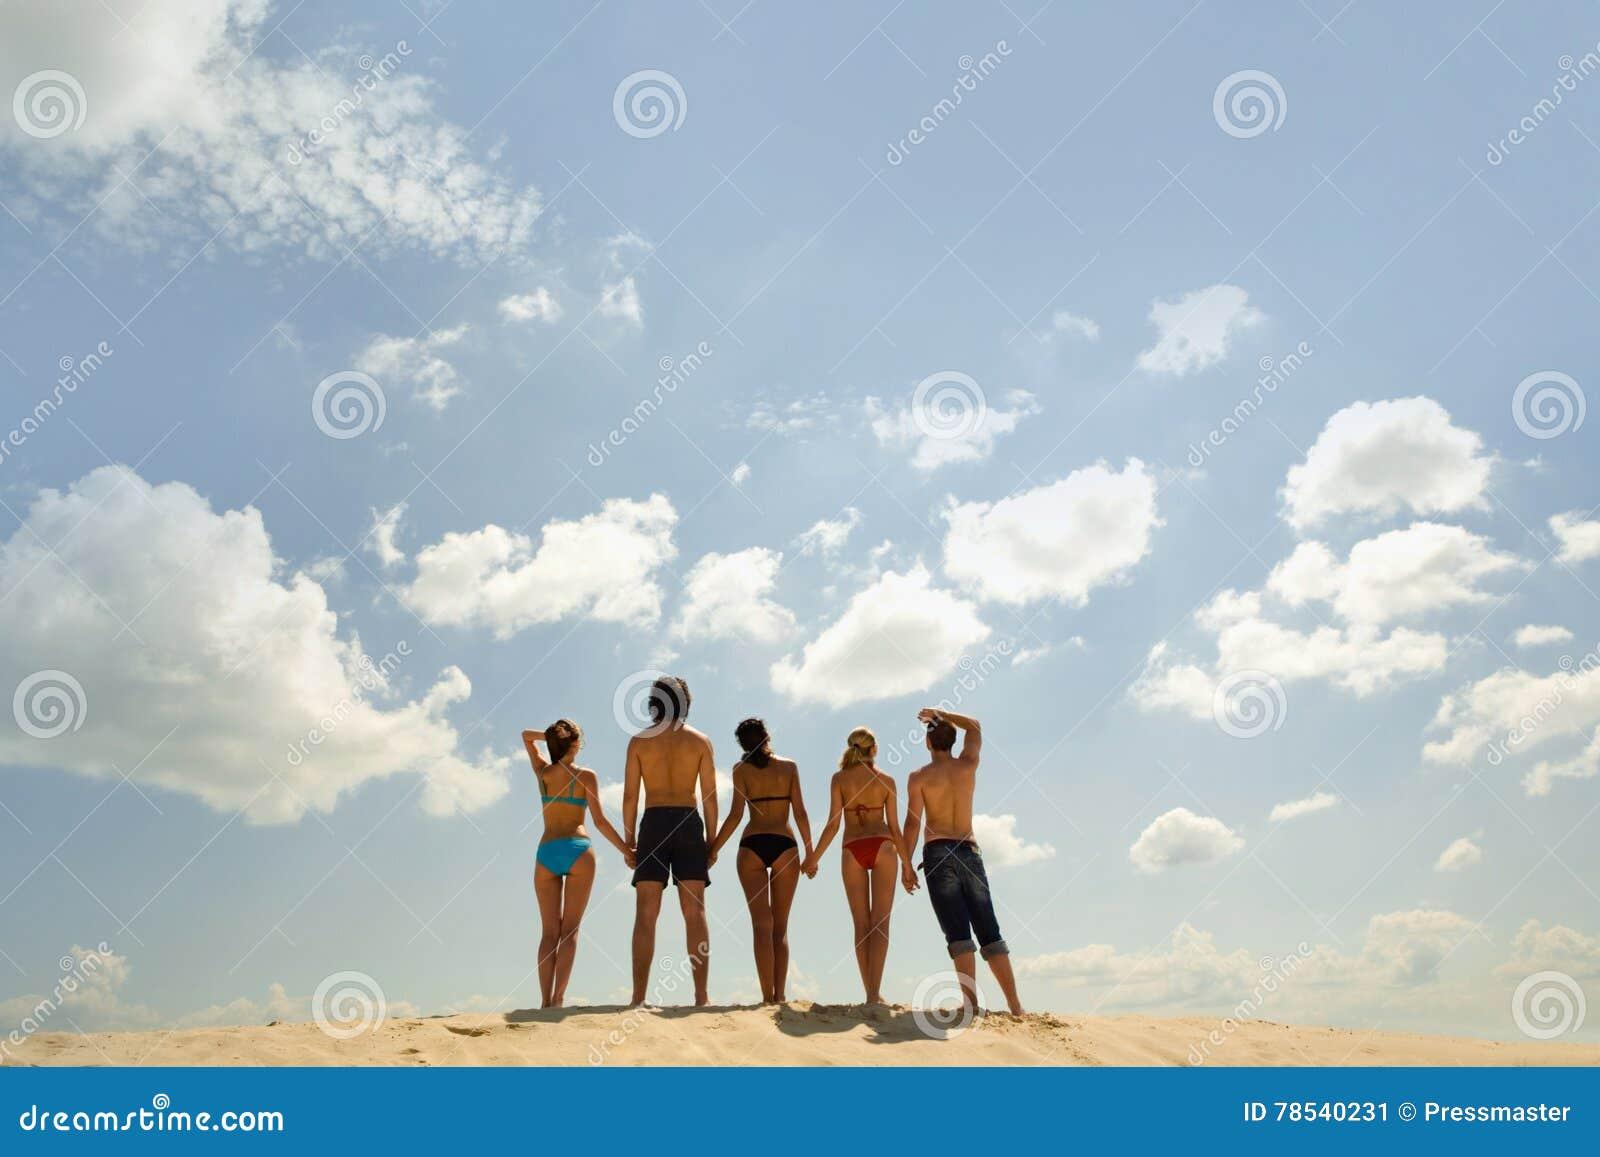 Grupo de personas en la playa